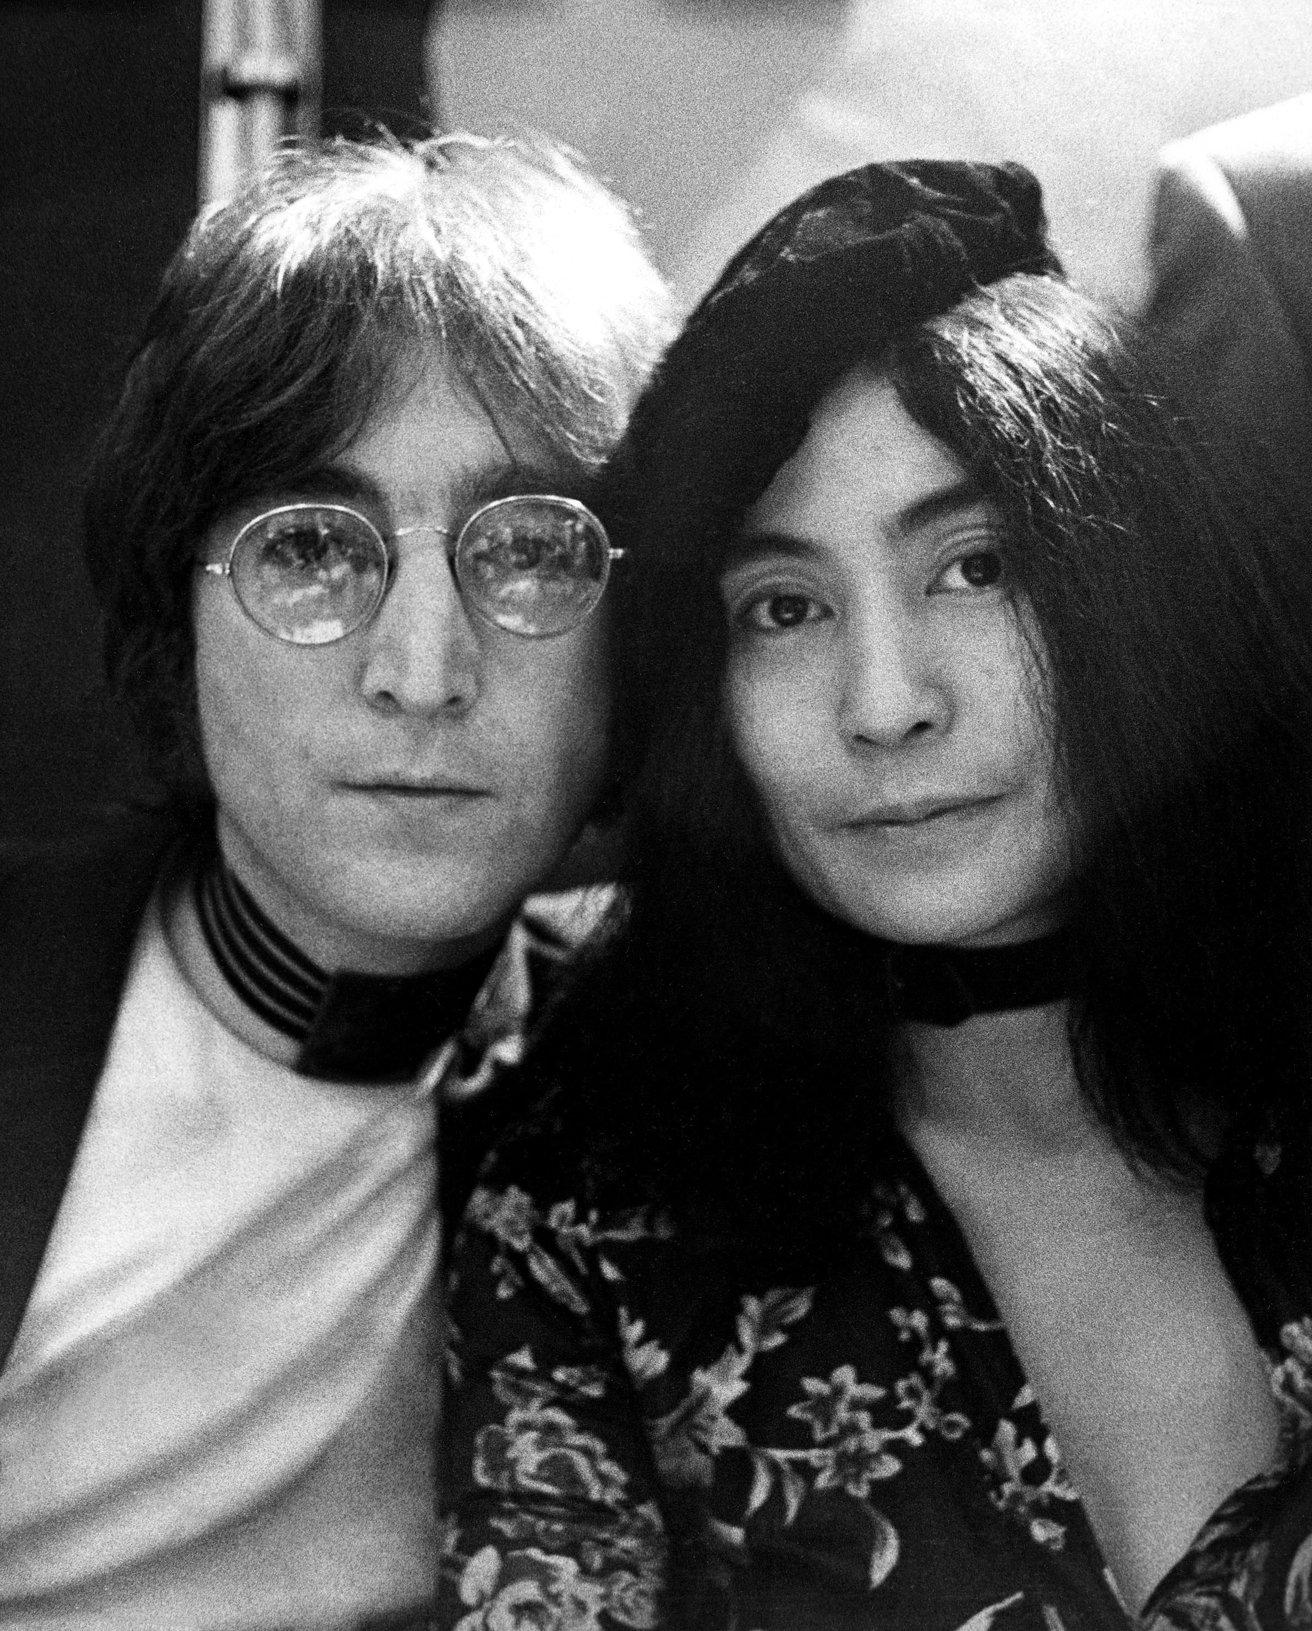 جان لنون و یوکو اونو در این فیلم حضور دارند